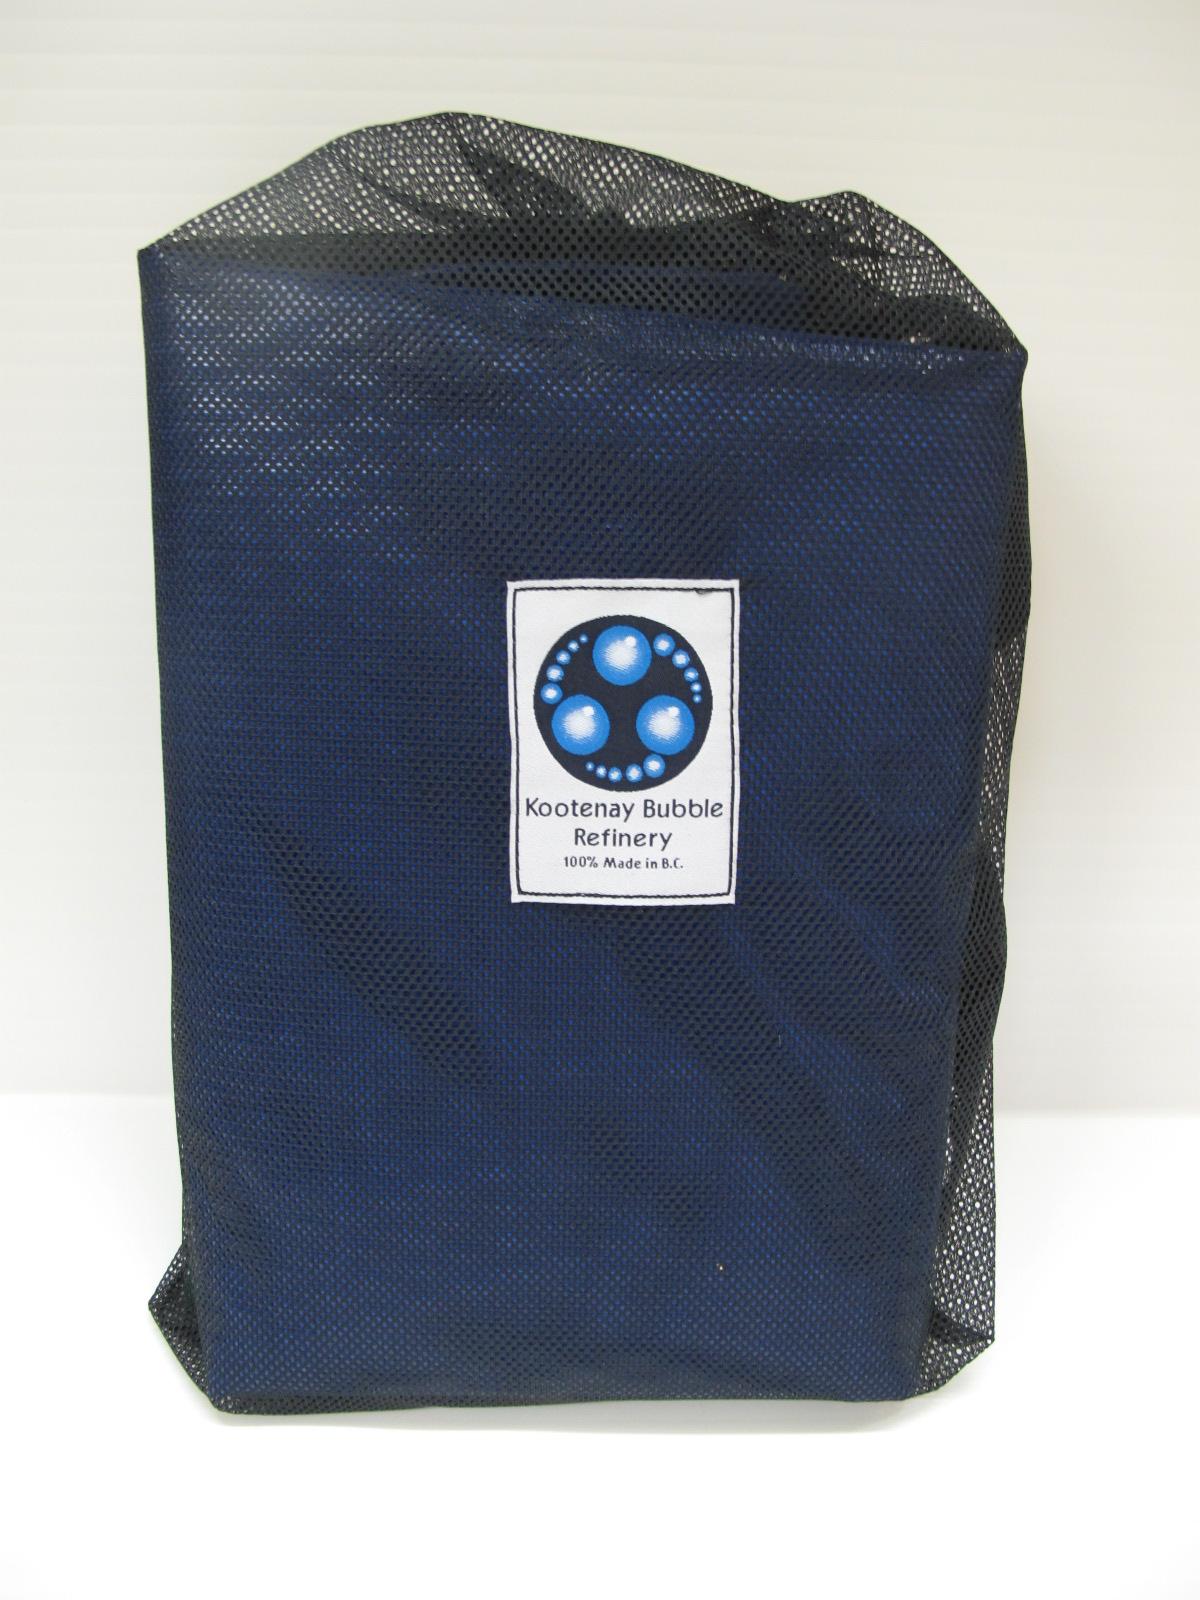 Kootenay Bubble Bag 18 Gallon